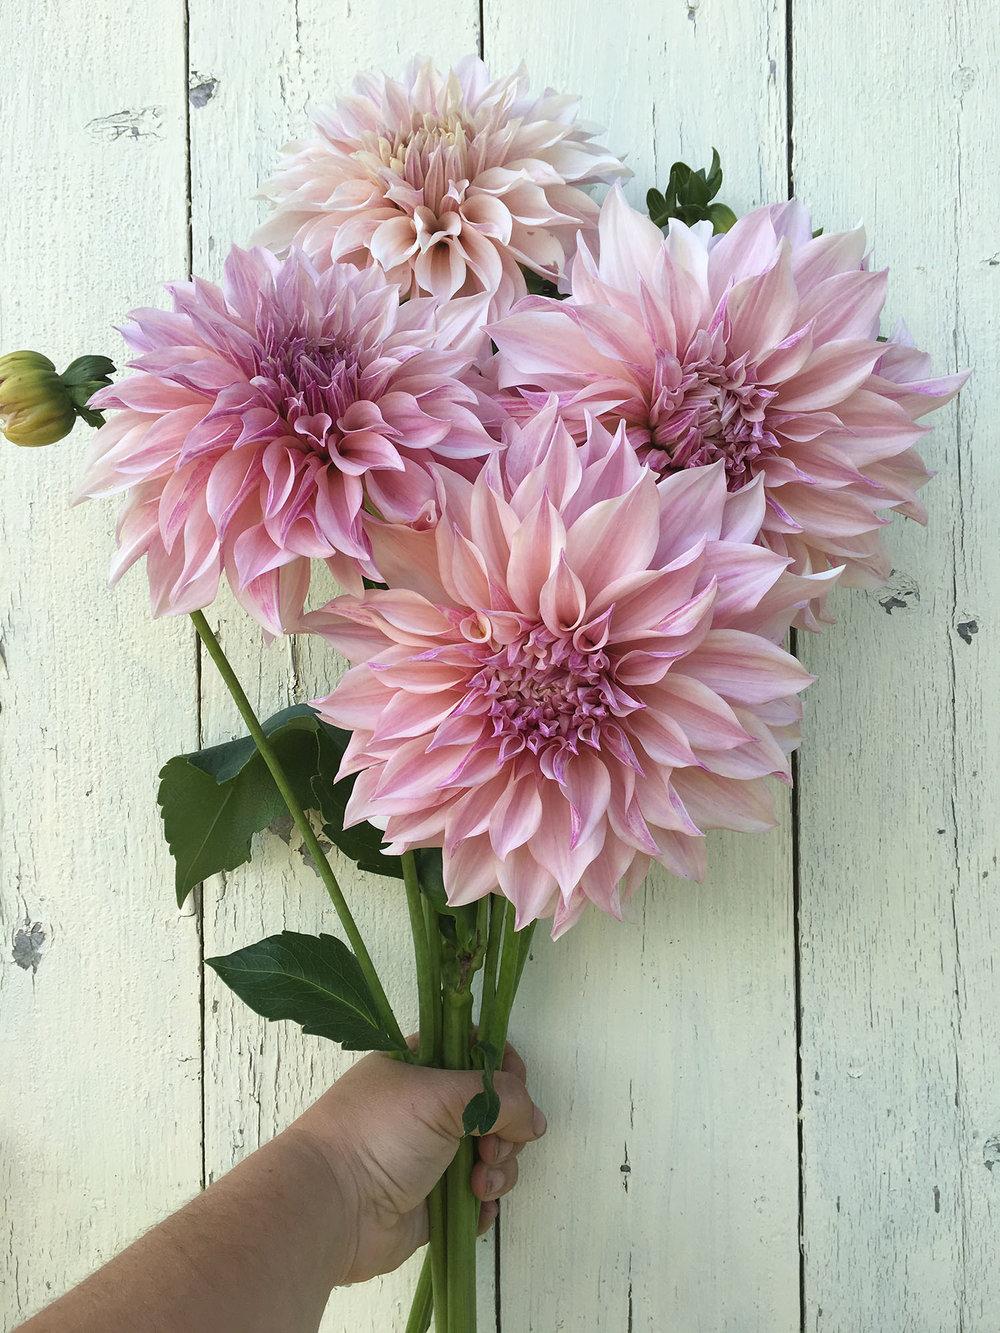 Dahlia Workshop Tarrnation Flower Farm